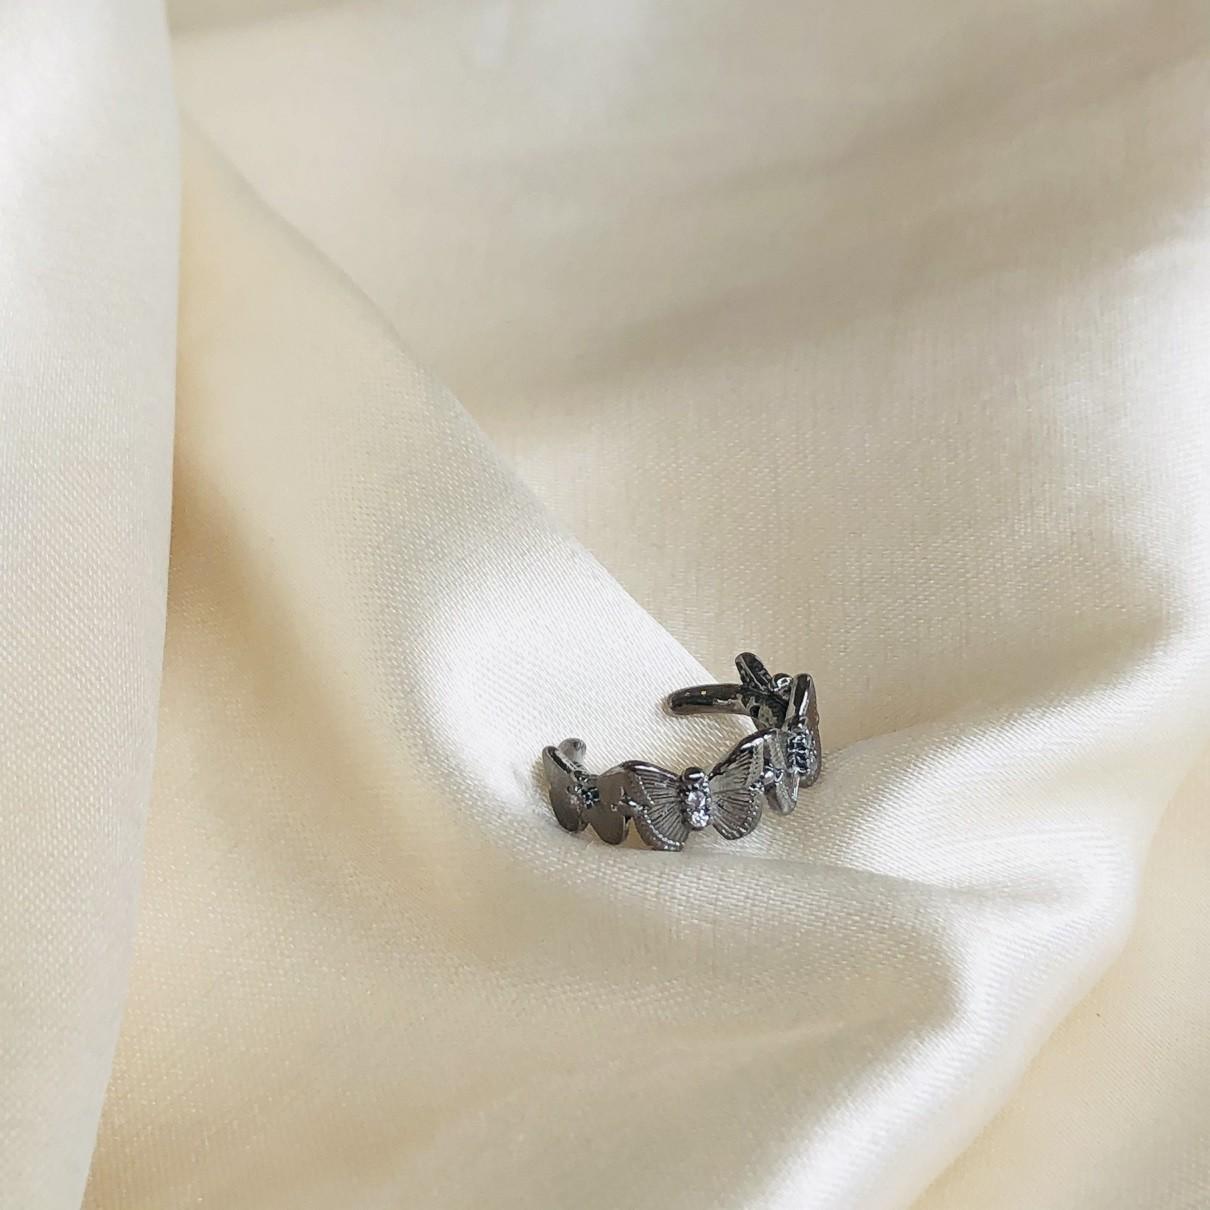 Piercing de Pressão com Borboletas Banhada em Ródio Negro